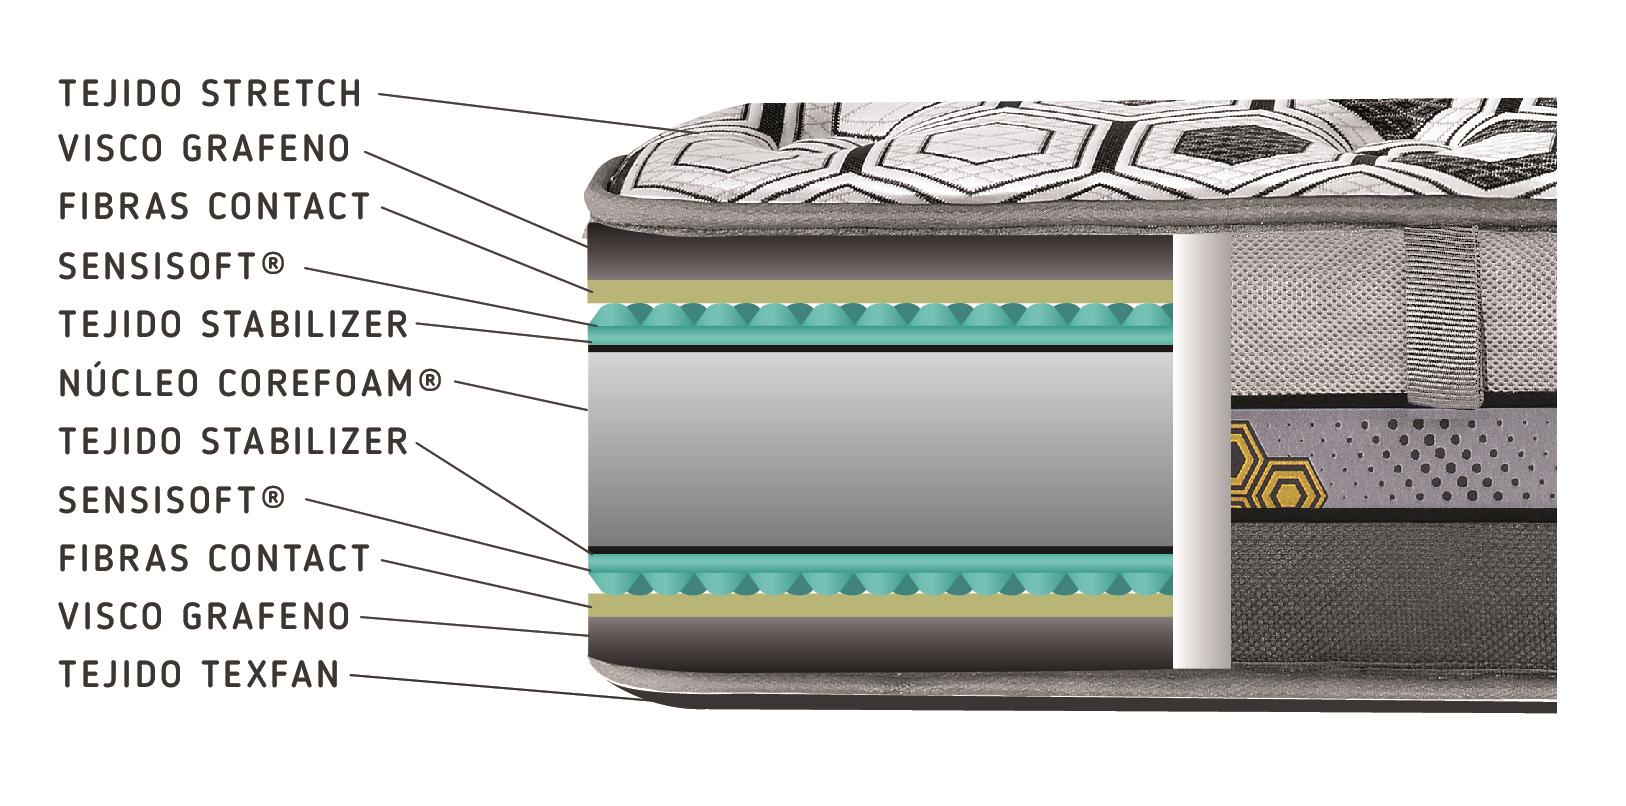 Núcleo colchón viscoelástico Titanio Viscografeno